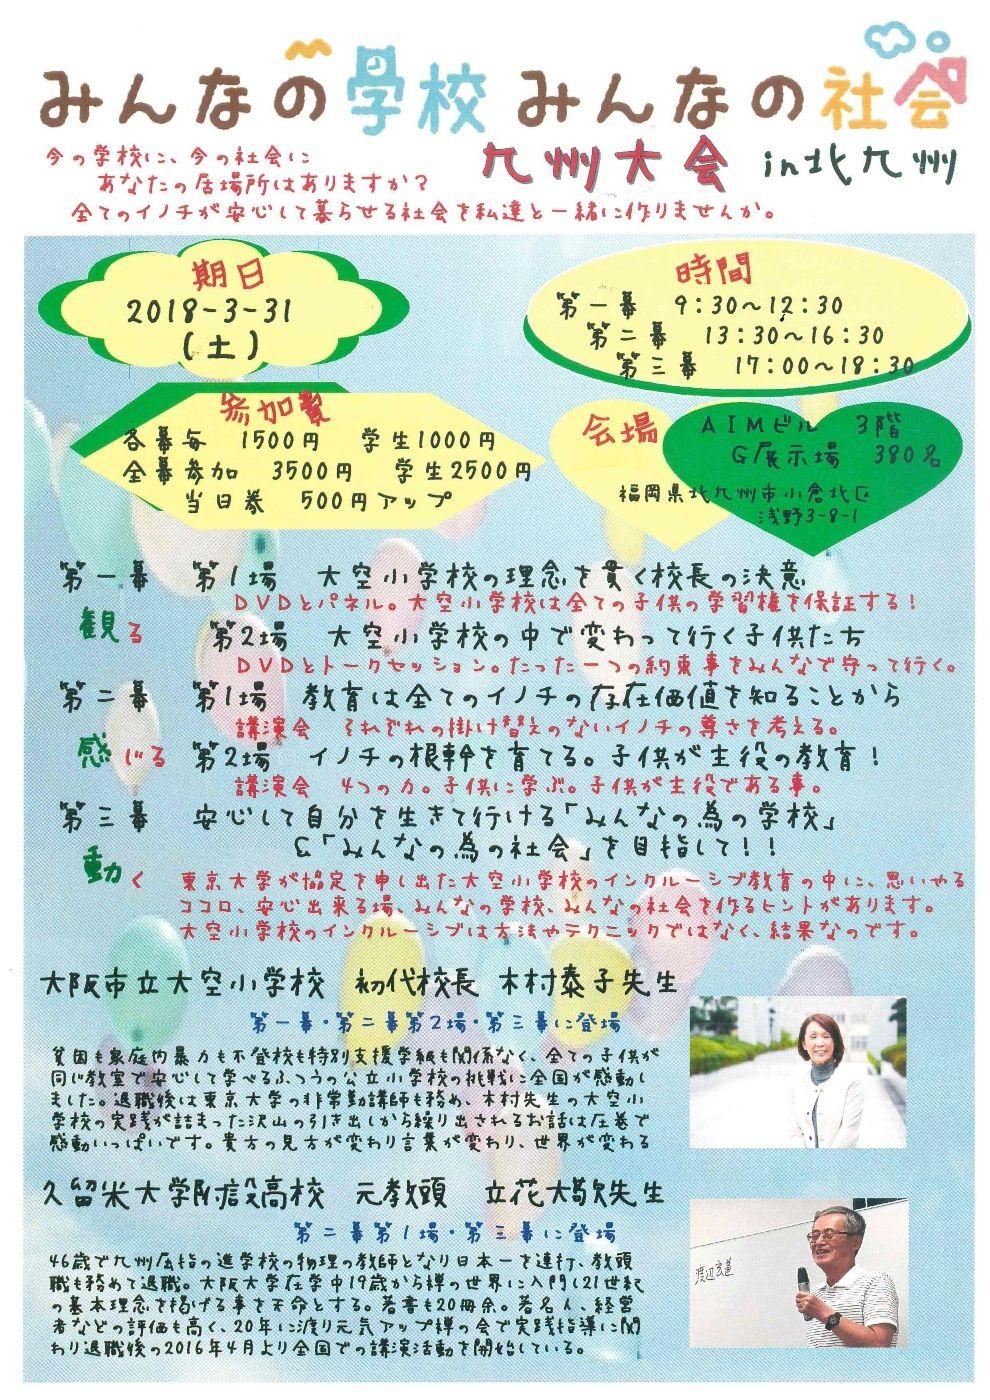 第二幕 【学生用】 みんなの学校 みんなの社会 九州大会 in北九州